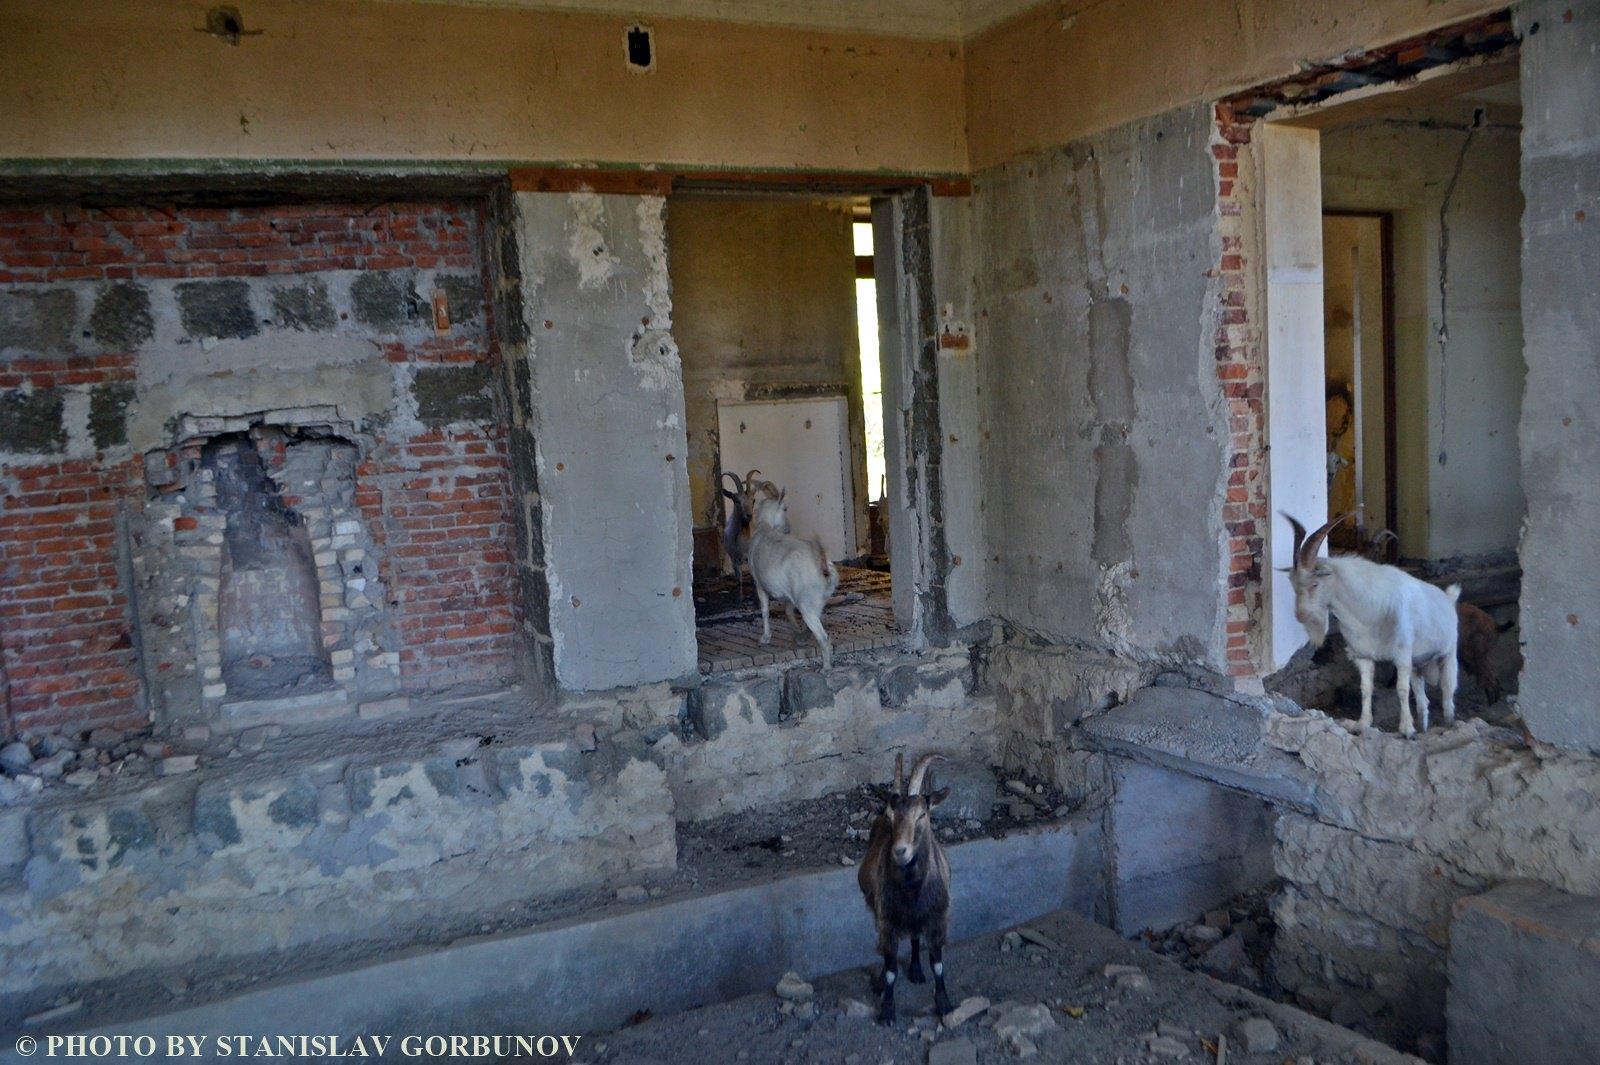 Разруха и забвение. Дача Сталина в грузинском Цхалтубо. stalin07